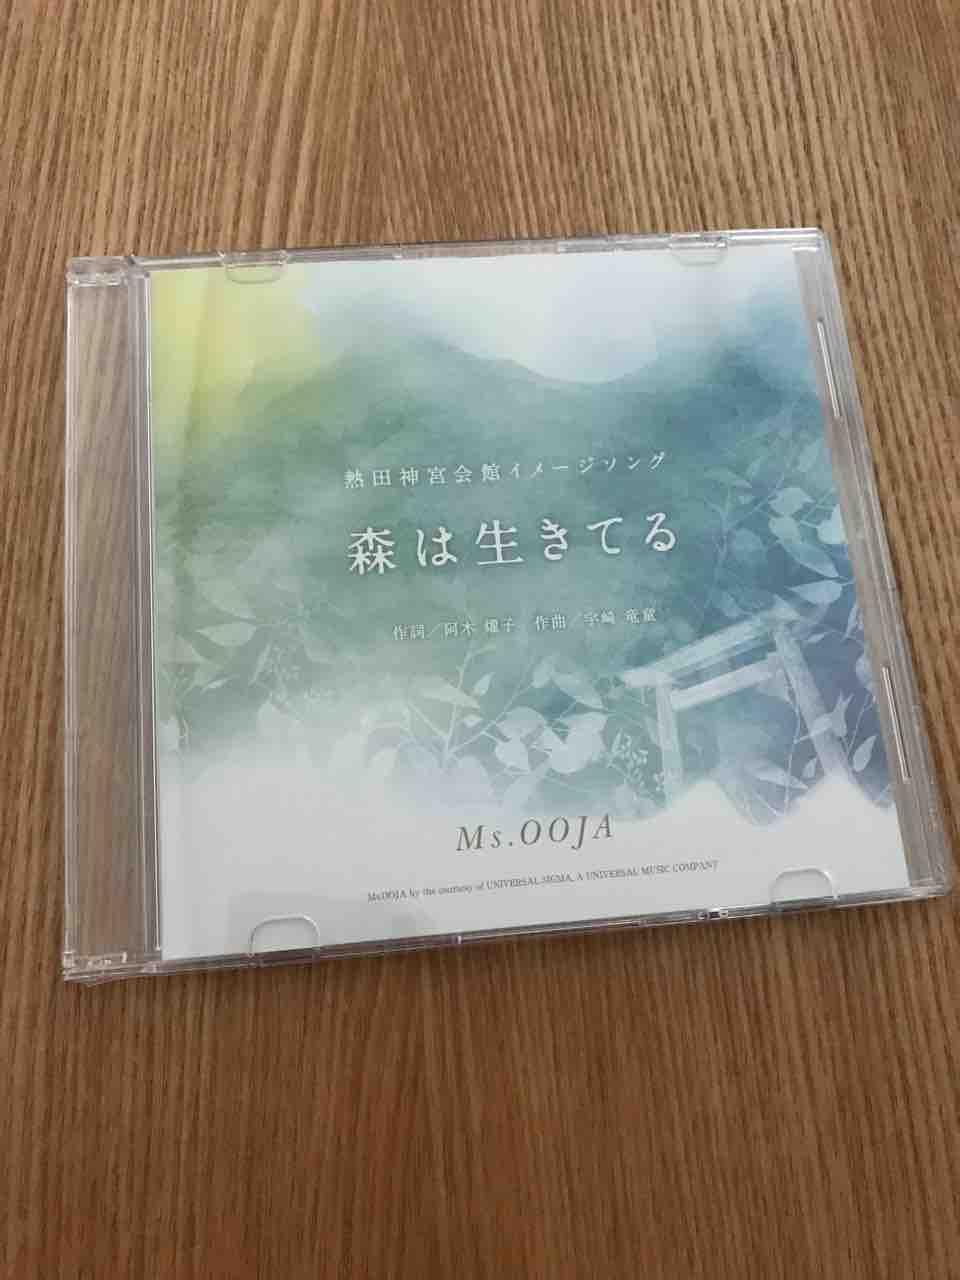 熱田神宮会館で頂いた、熱田神宮のテーマソング、森は生きてるのMs.OOJAバージョンのCD。